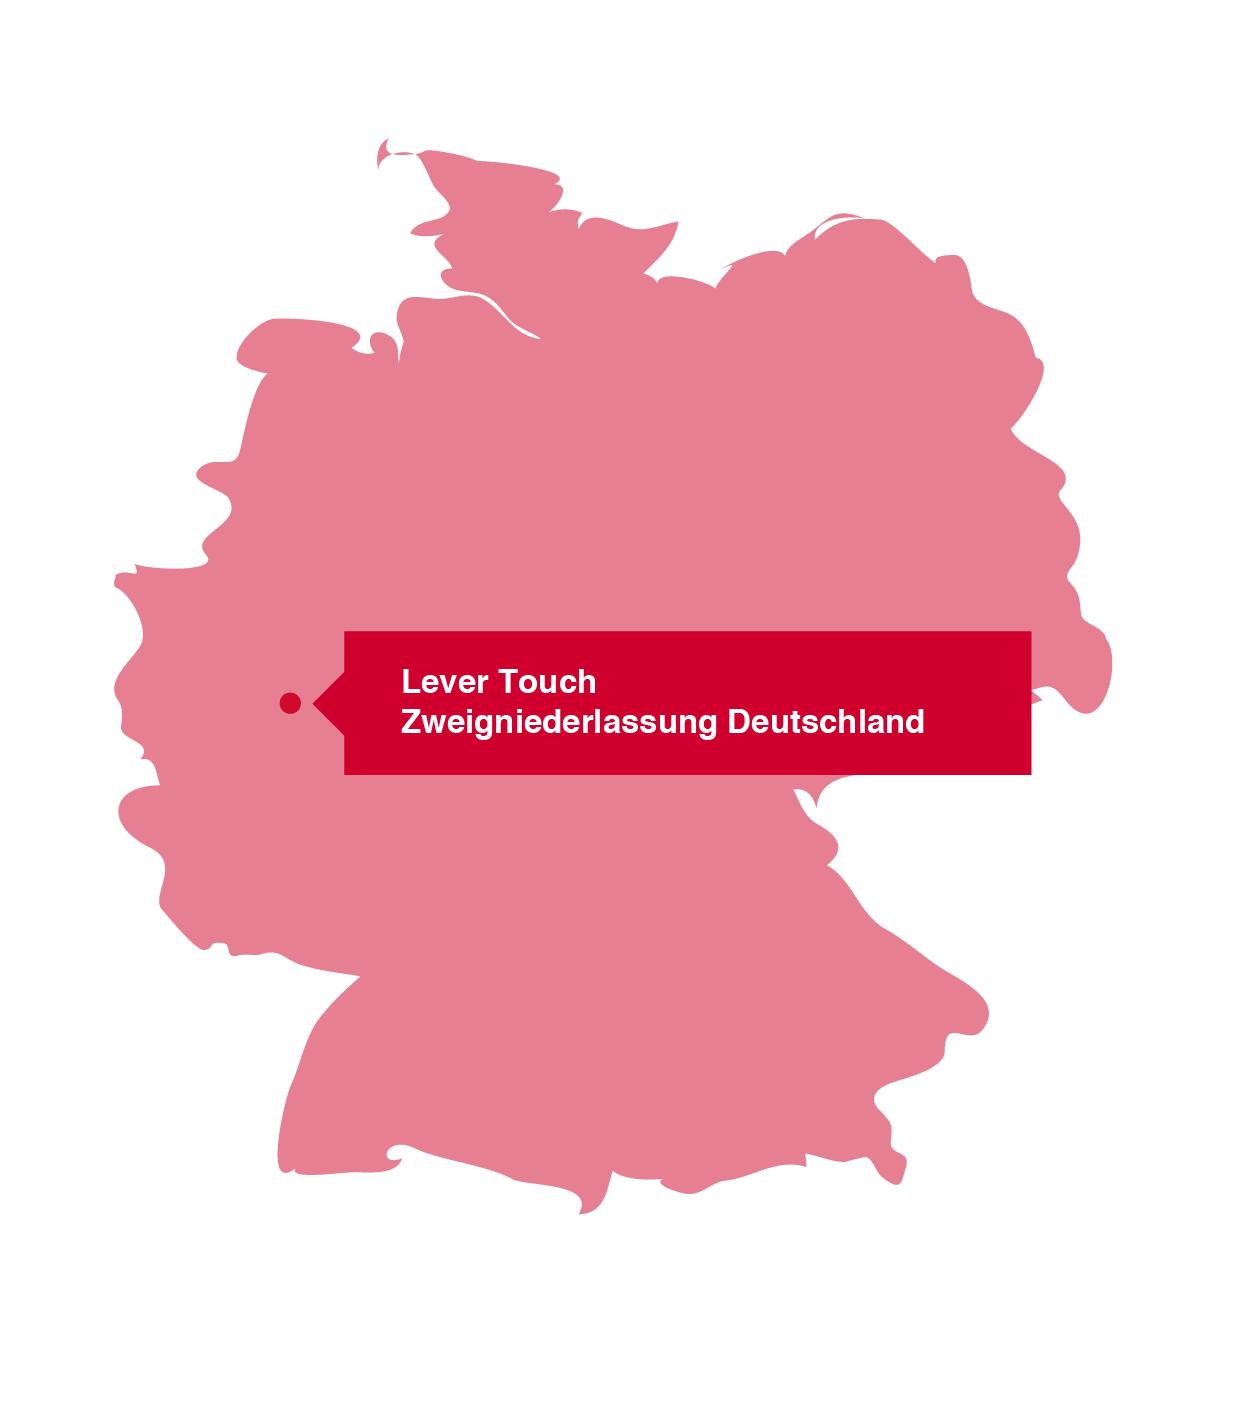 Lever Touch Deutschland